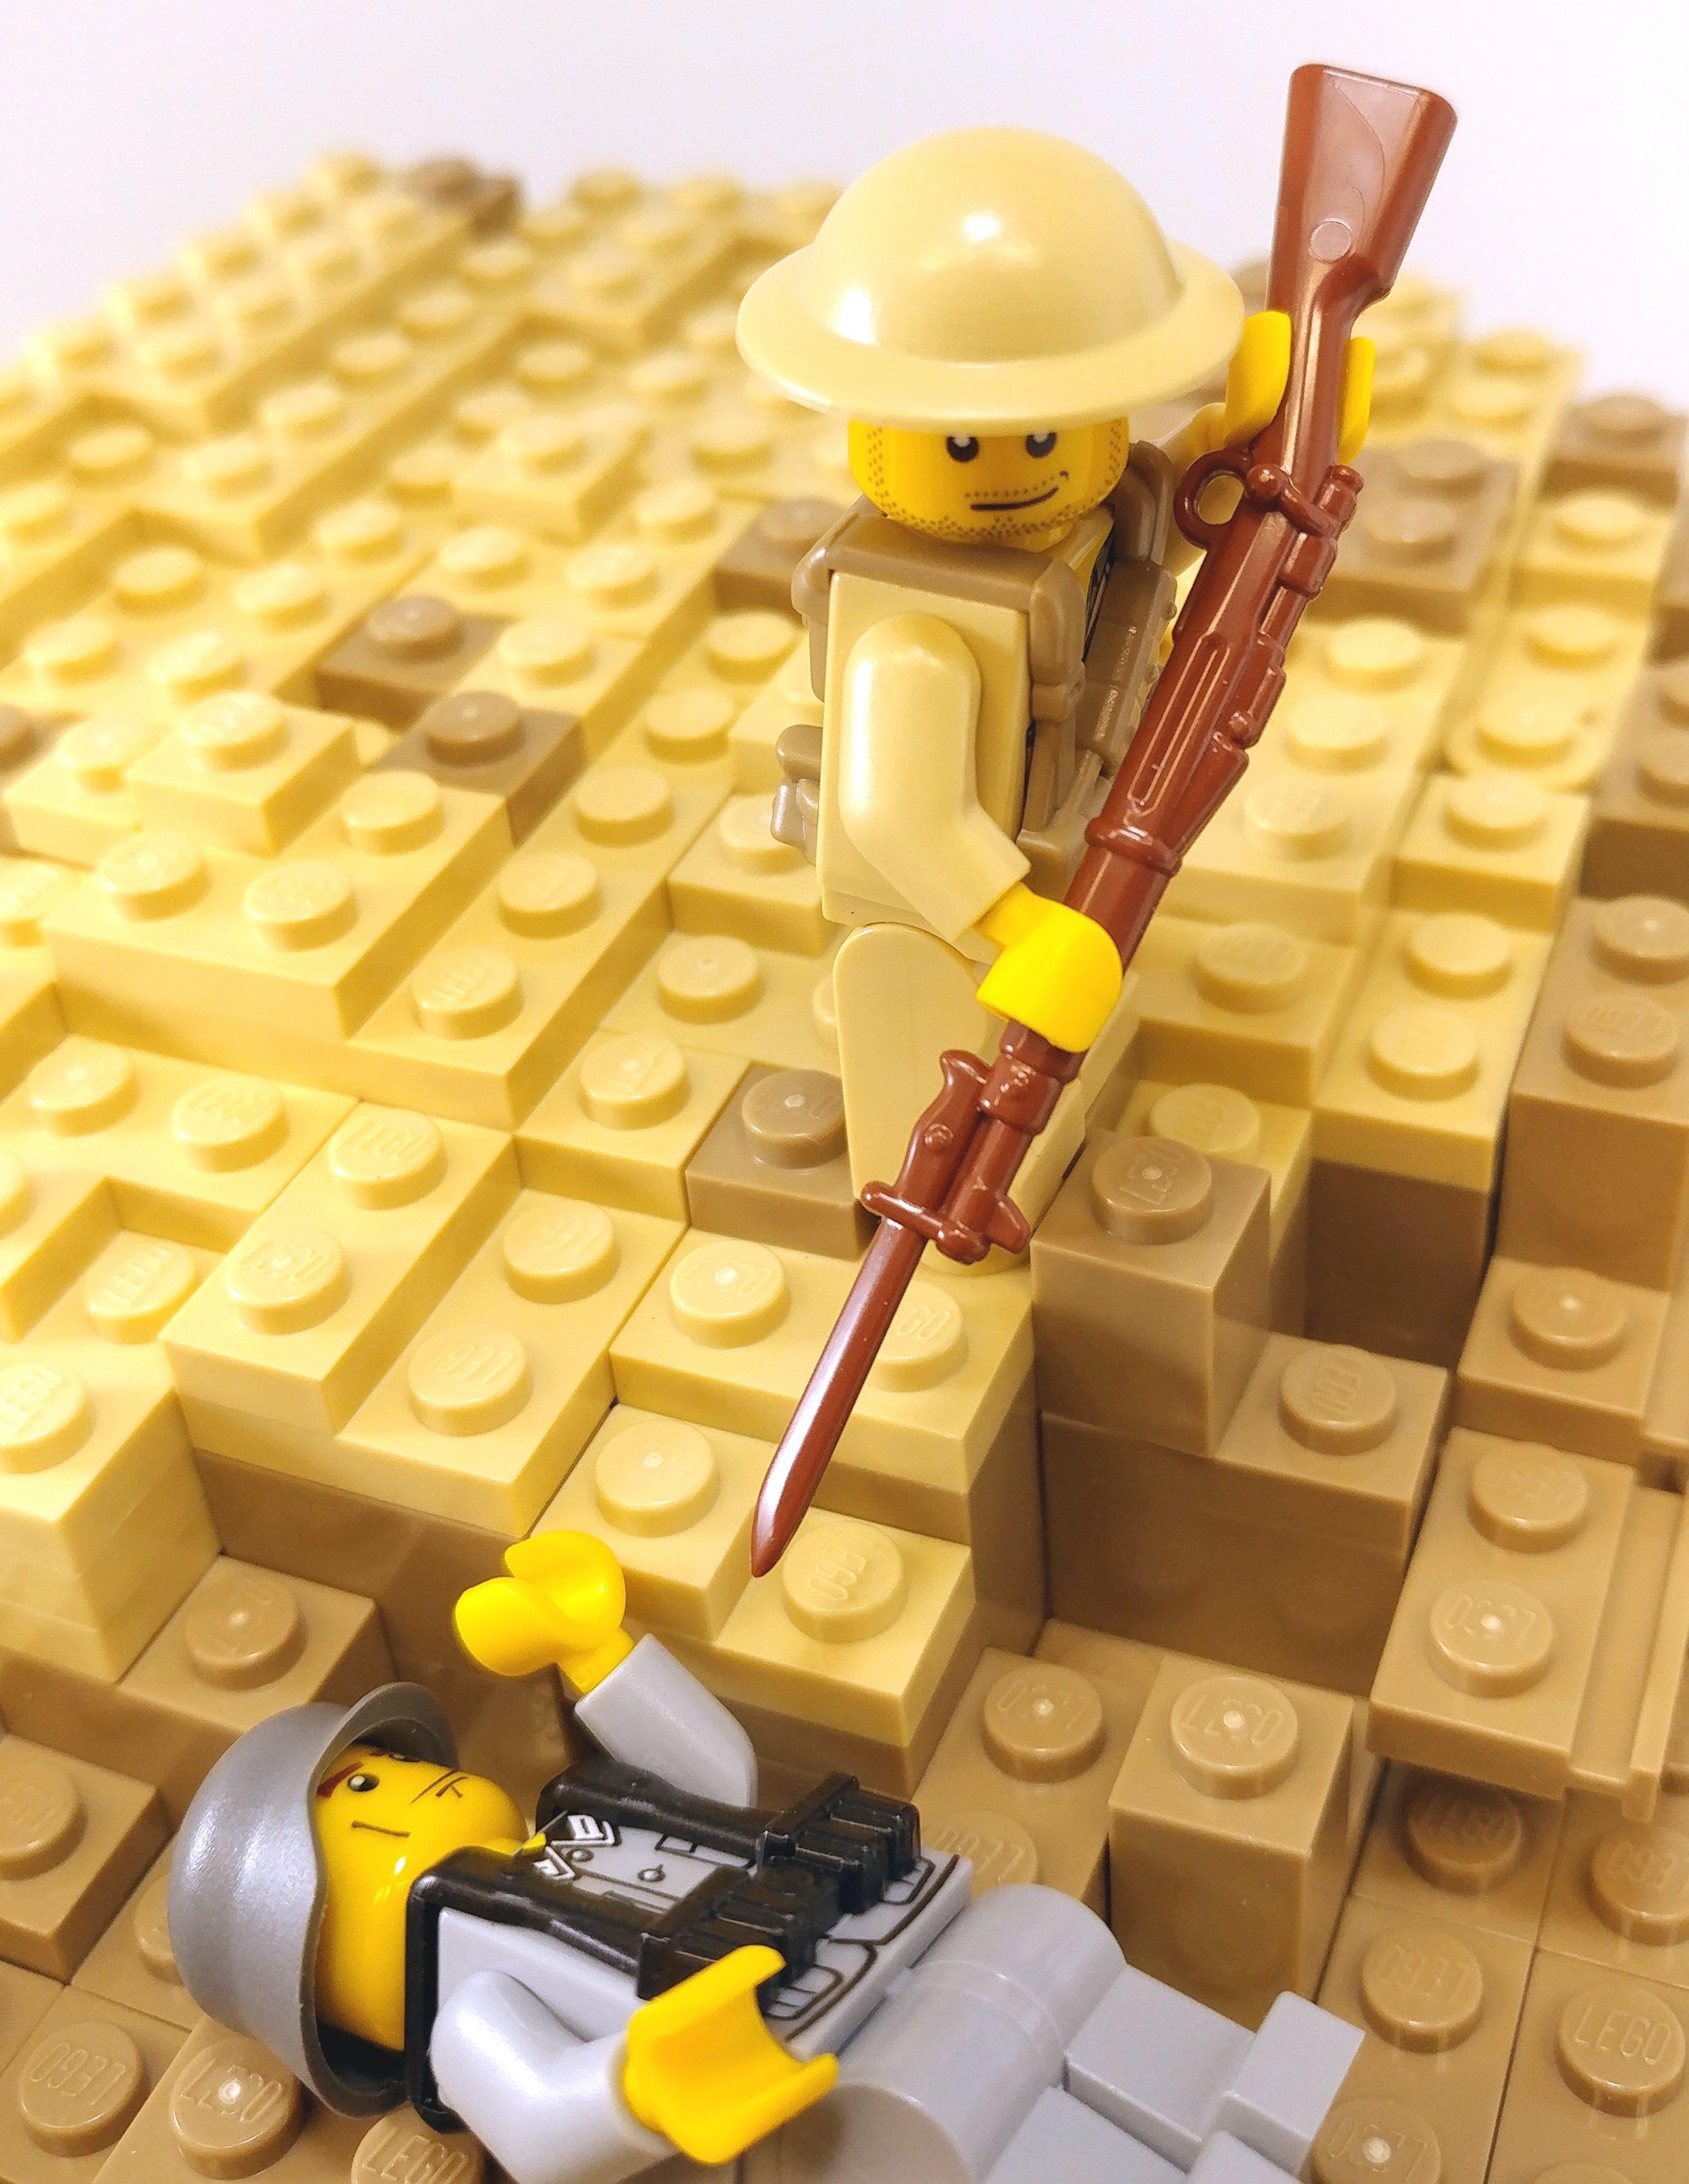 Brickarms Ww1 Us Ww1 M1903 Rifle W Bayonet Lego Minifigure